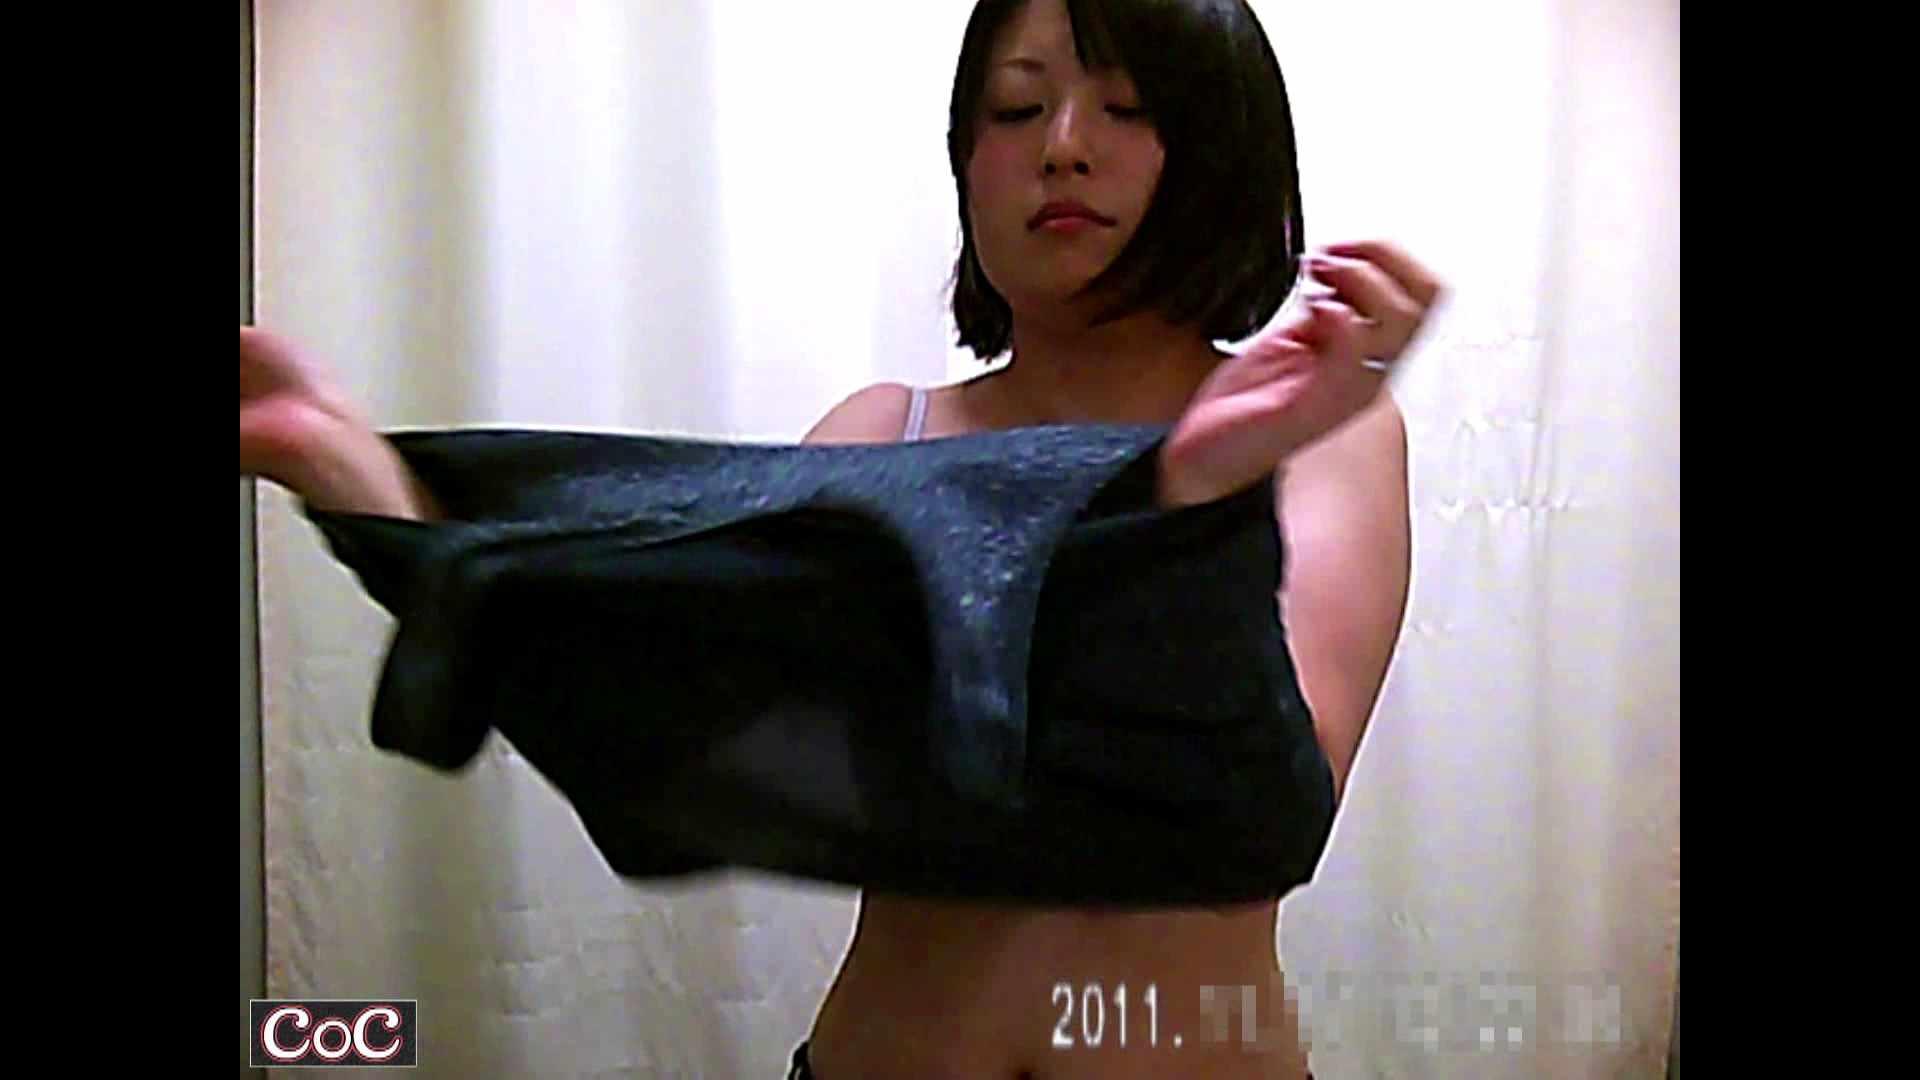 元医者による反抗 更衣室地獄絵巻 vol.200 OL  91pic 21